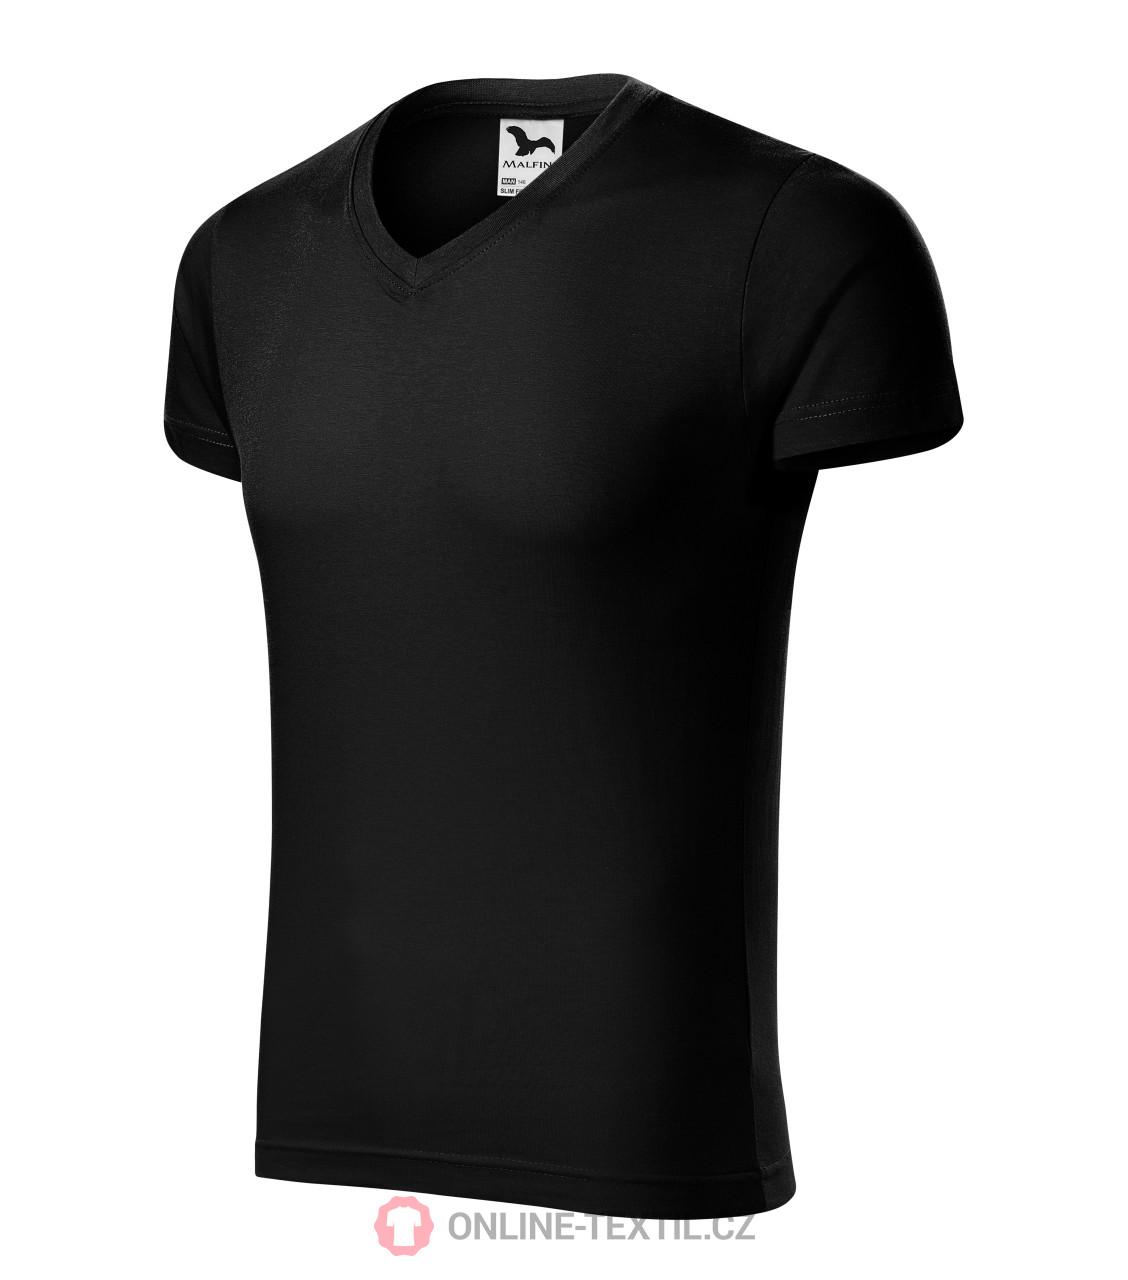 6f32a2c688ab ADLER CZECH Priliehavé pánské tričko Slim Fit V-neck vyššej gramáže ...